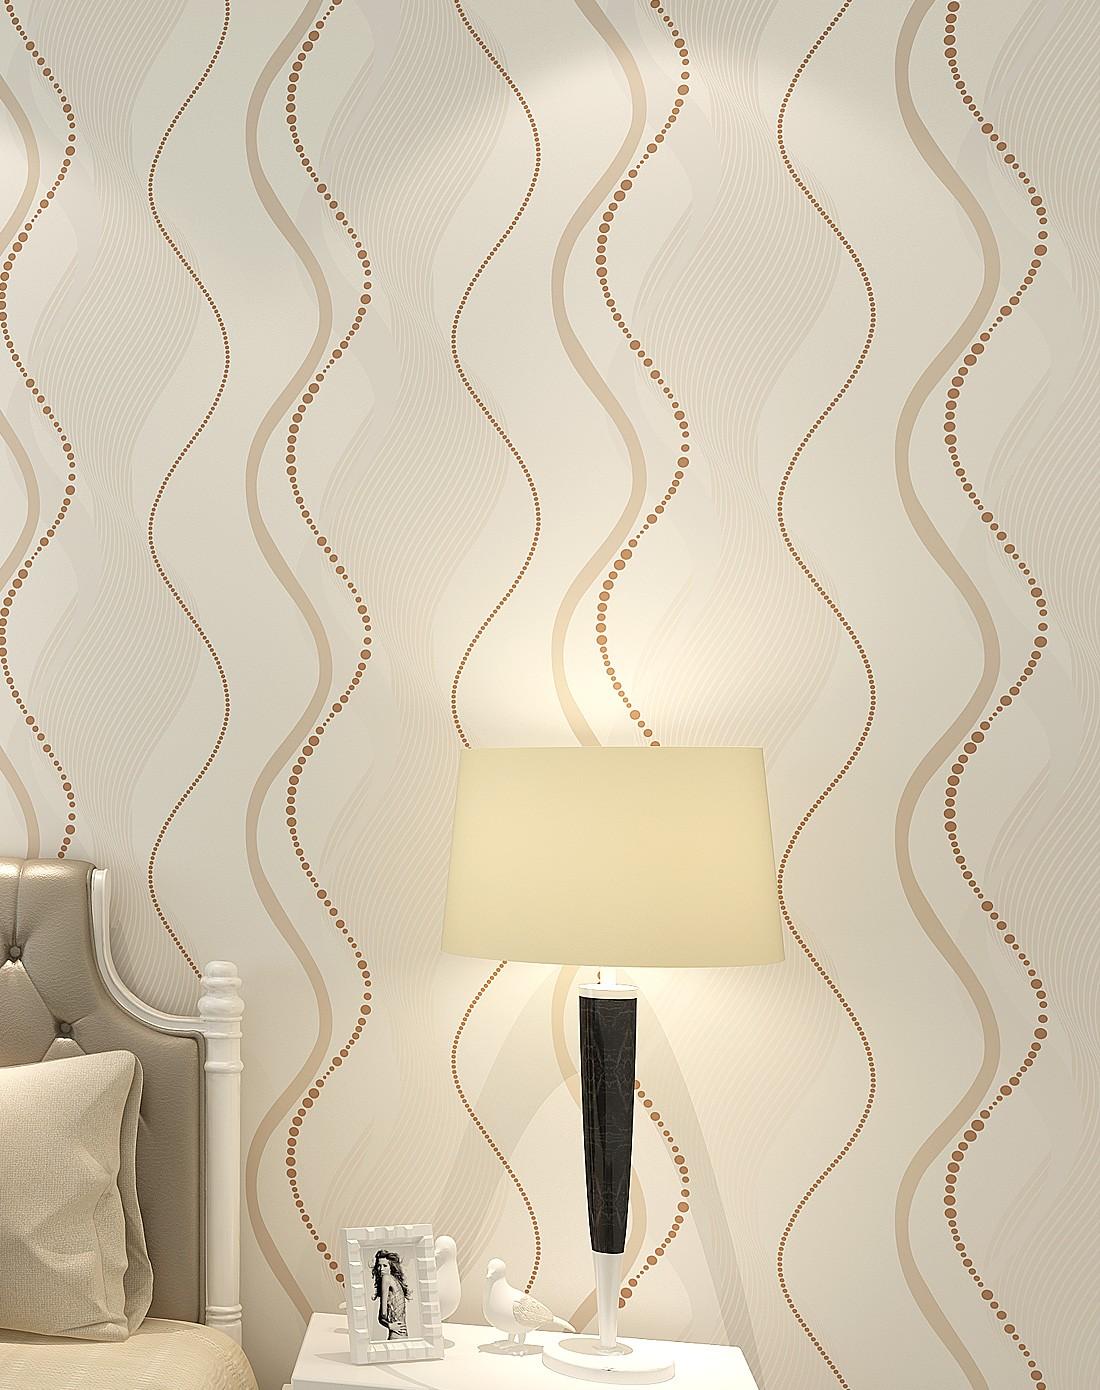 纸尚美学墙纸专场米黄色现代简约时尚条纹客厅卧室ip